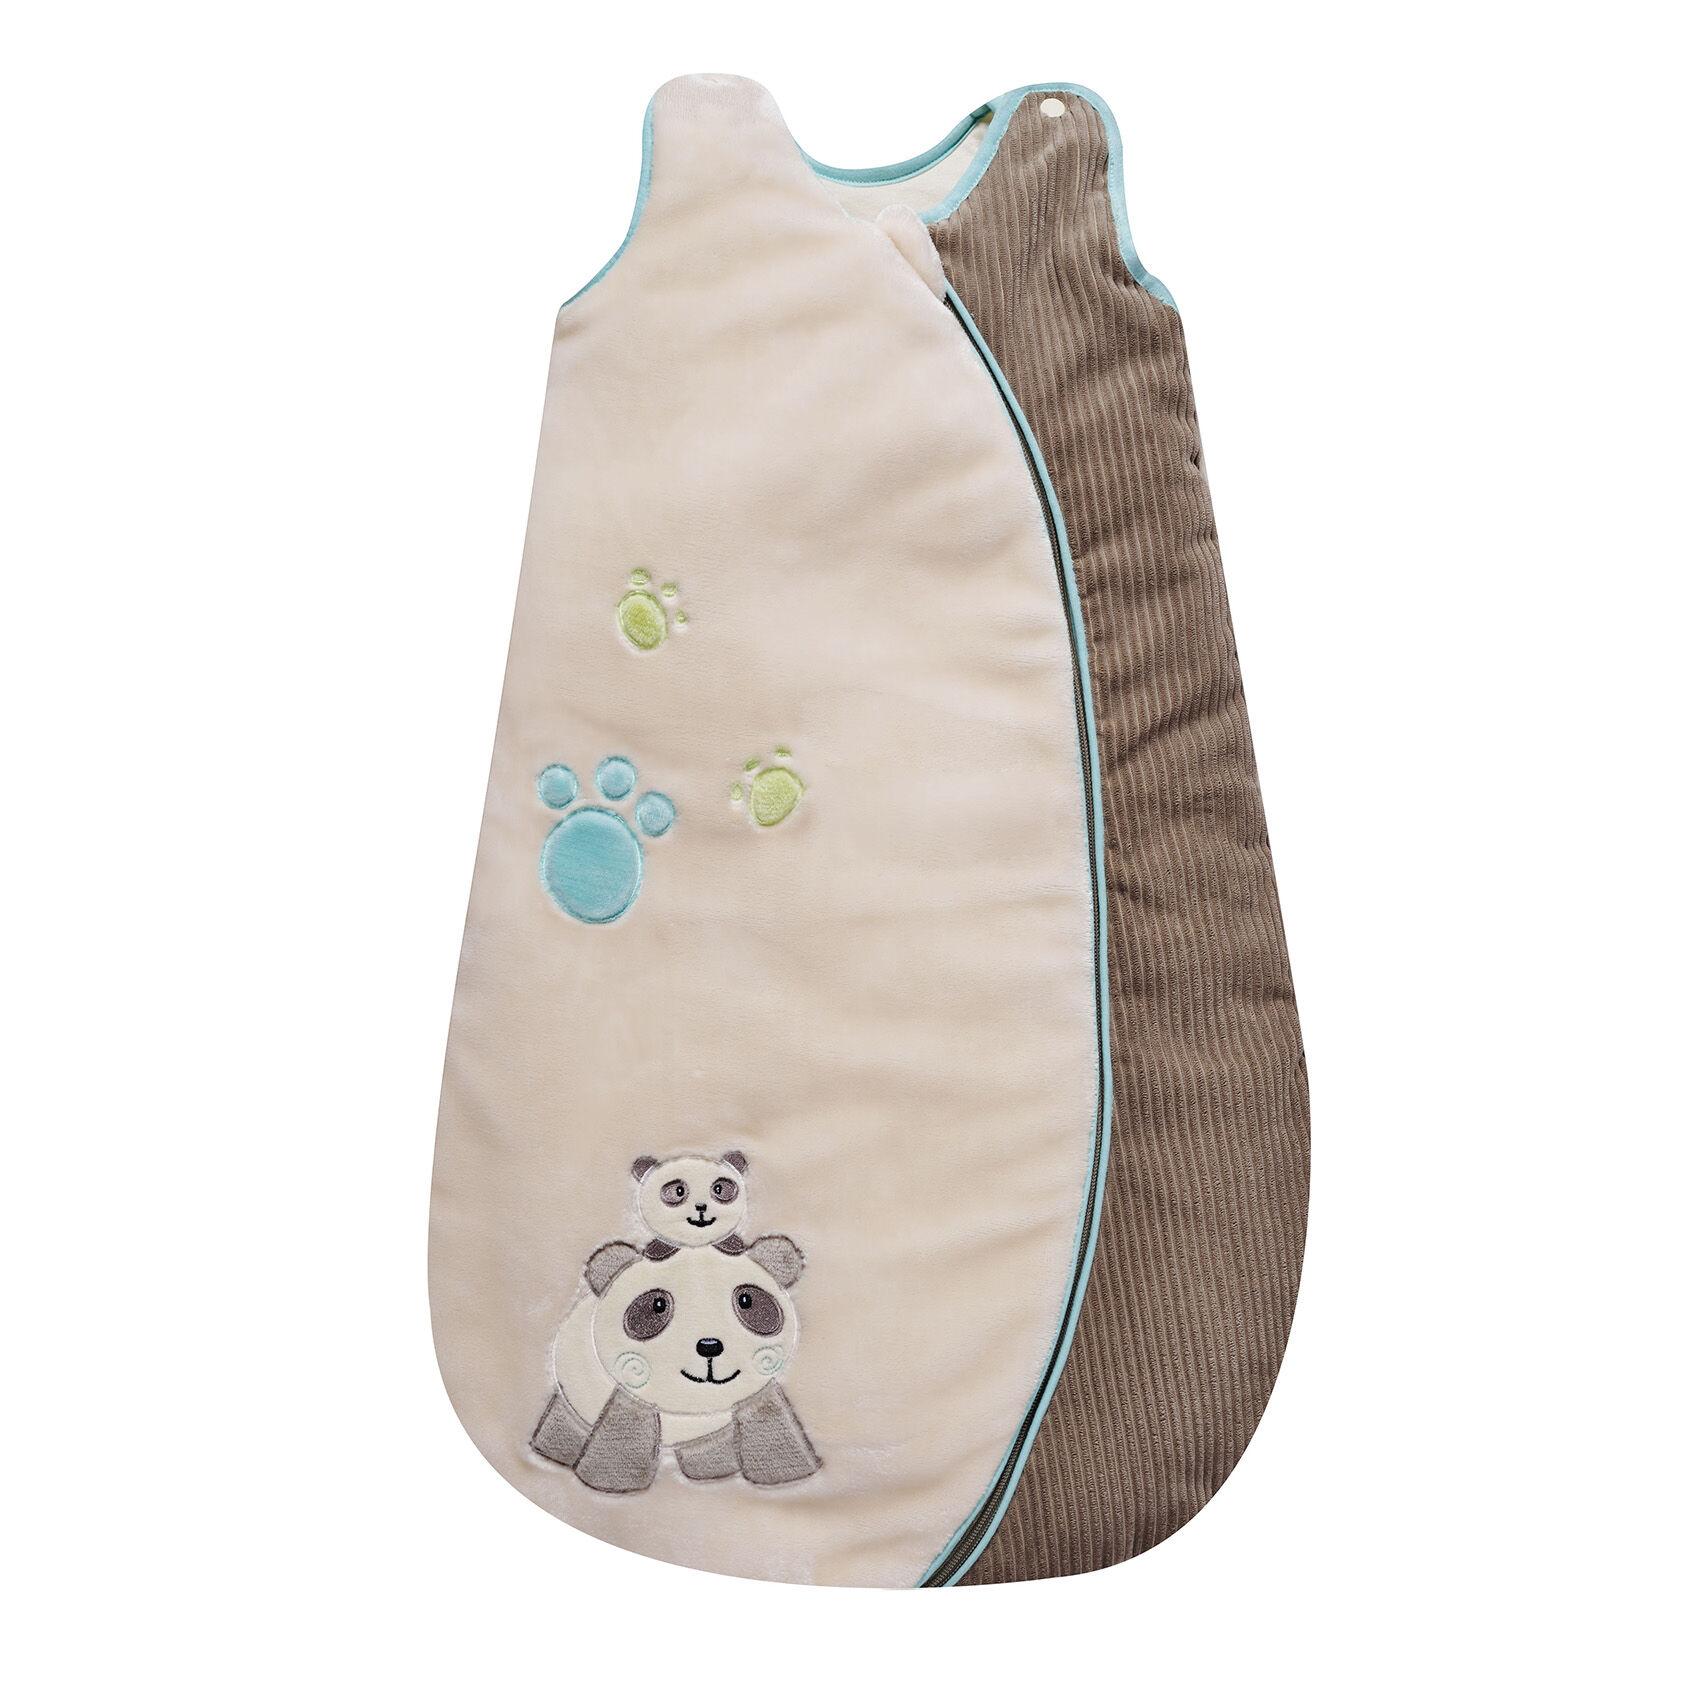 Home Maison Gigoteuse Panda Multicolore pour bébé de 0-6 mois